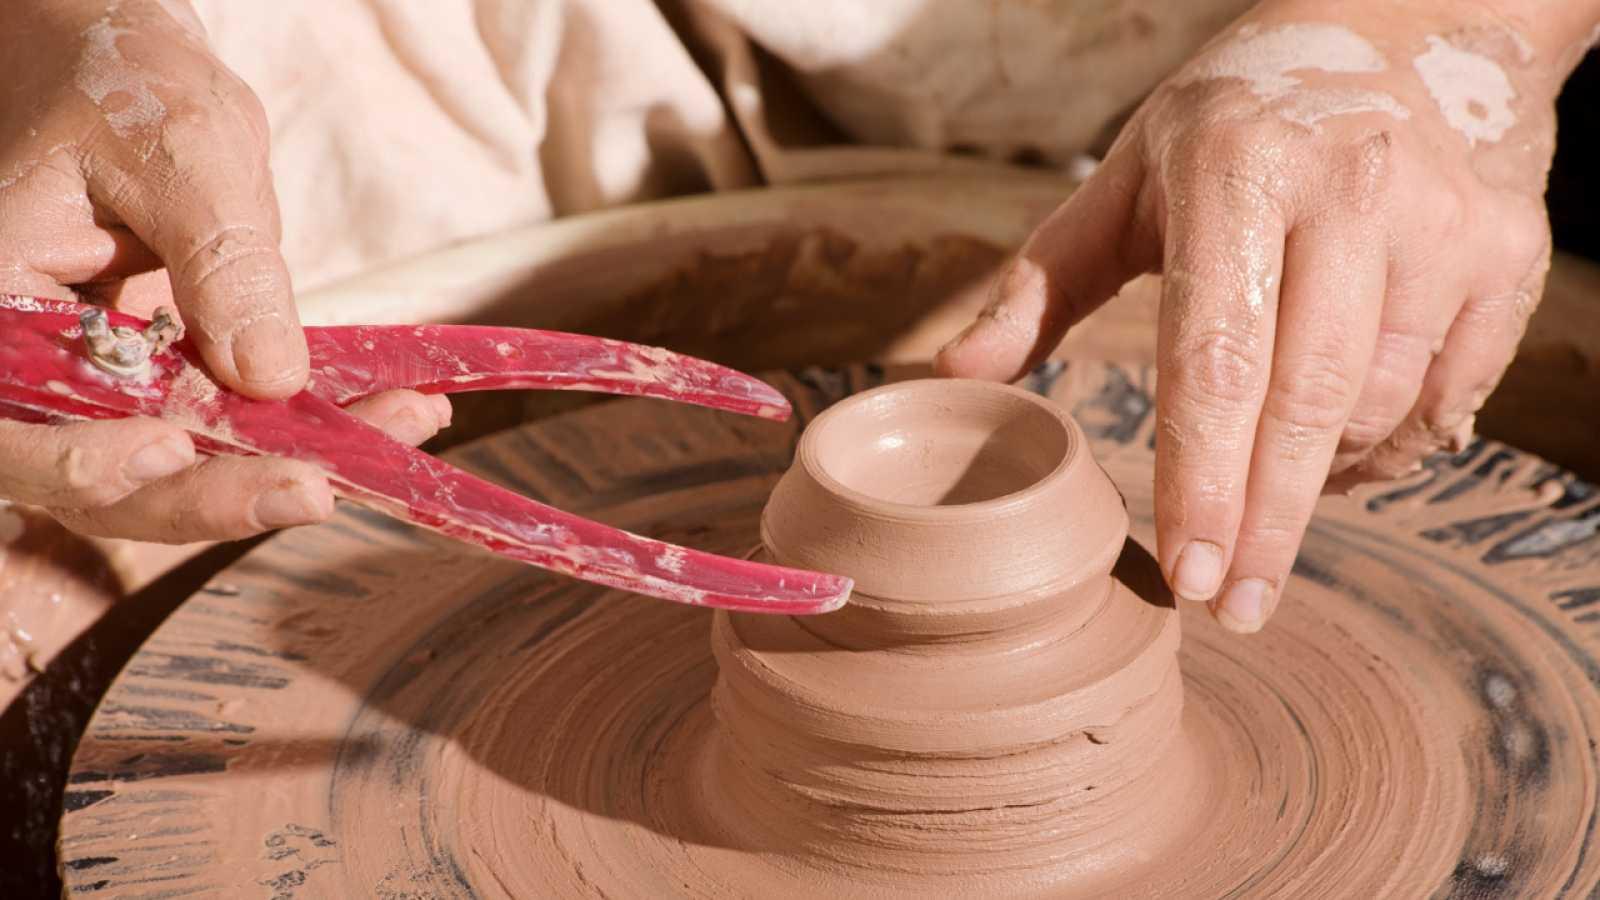 Aquí la Tierra - Visitamos una alfarería segoviana: nos enseñan a hacer bandejas de arcilla